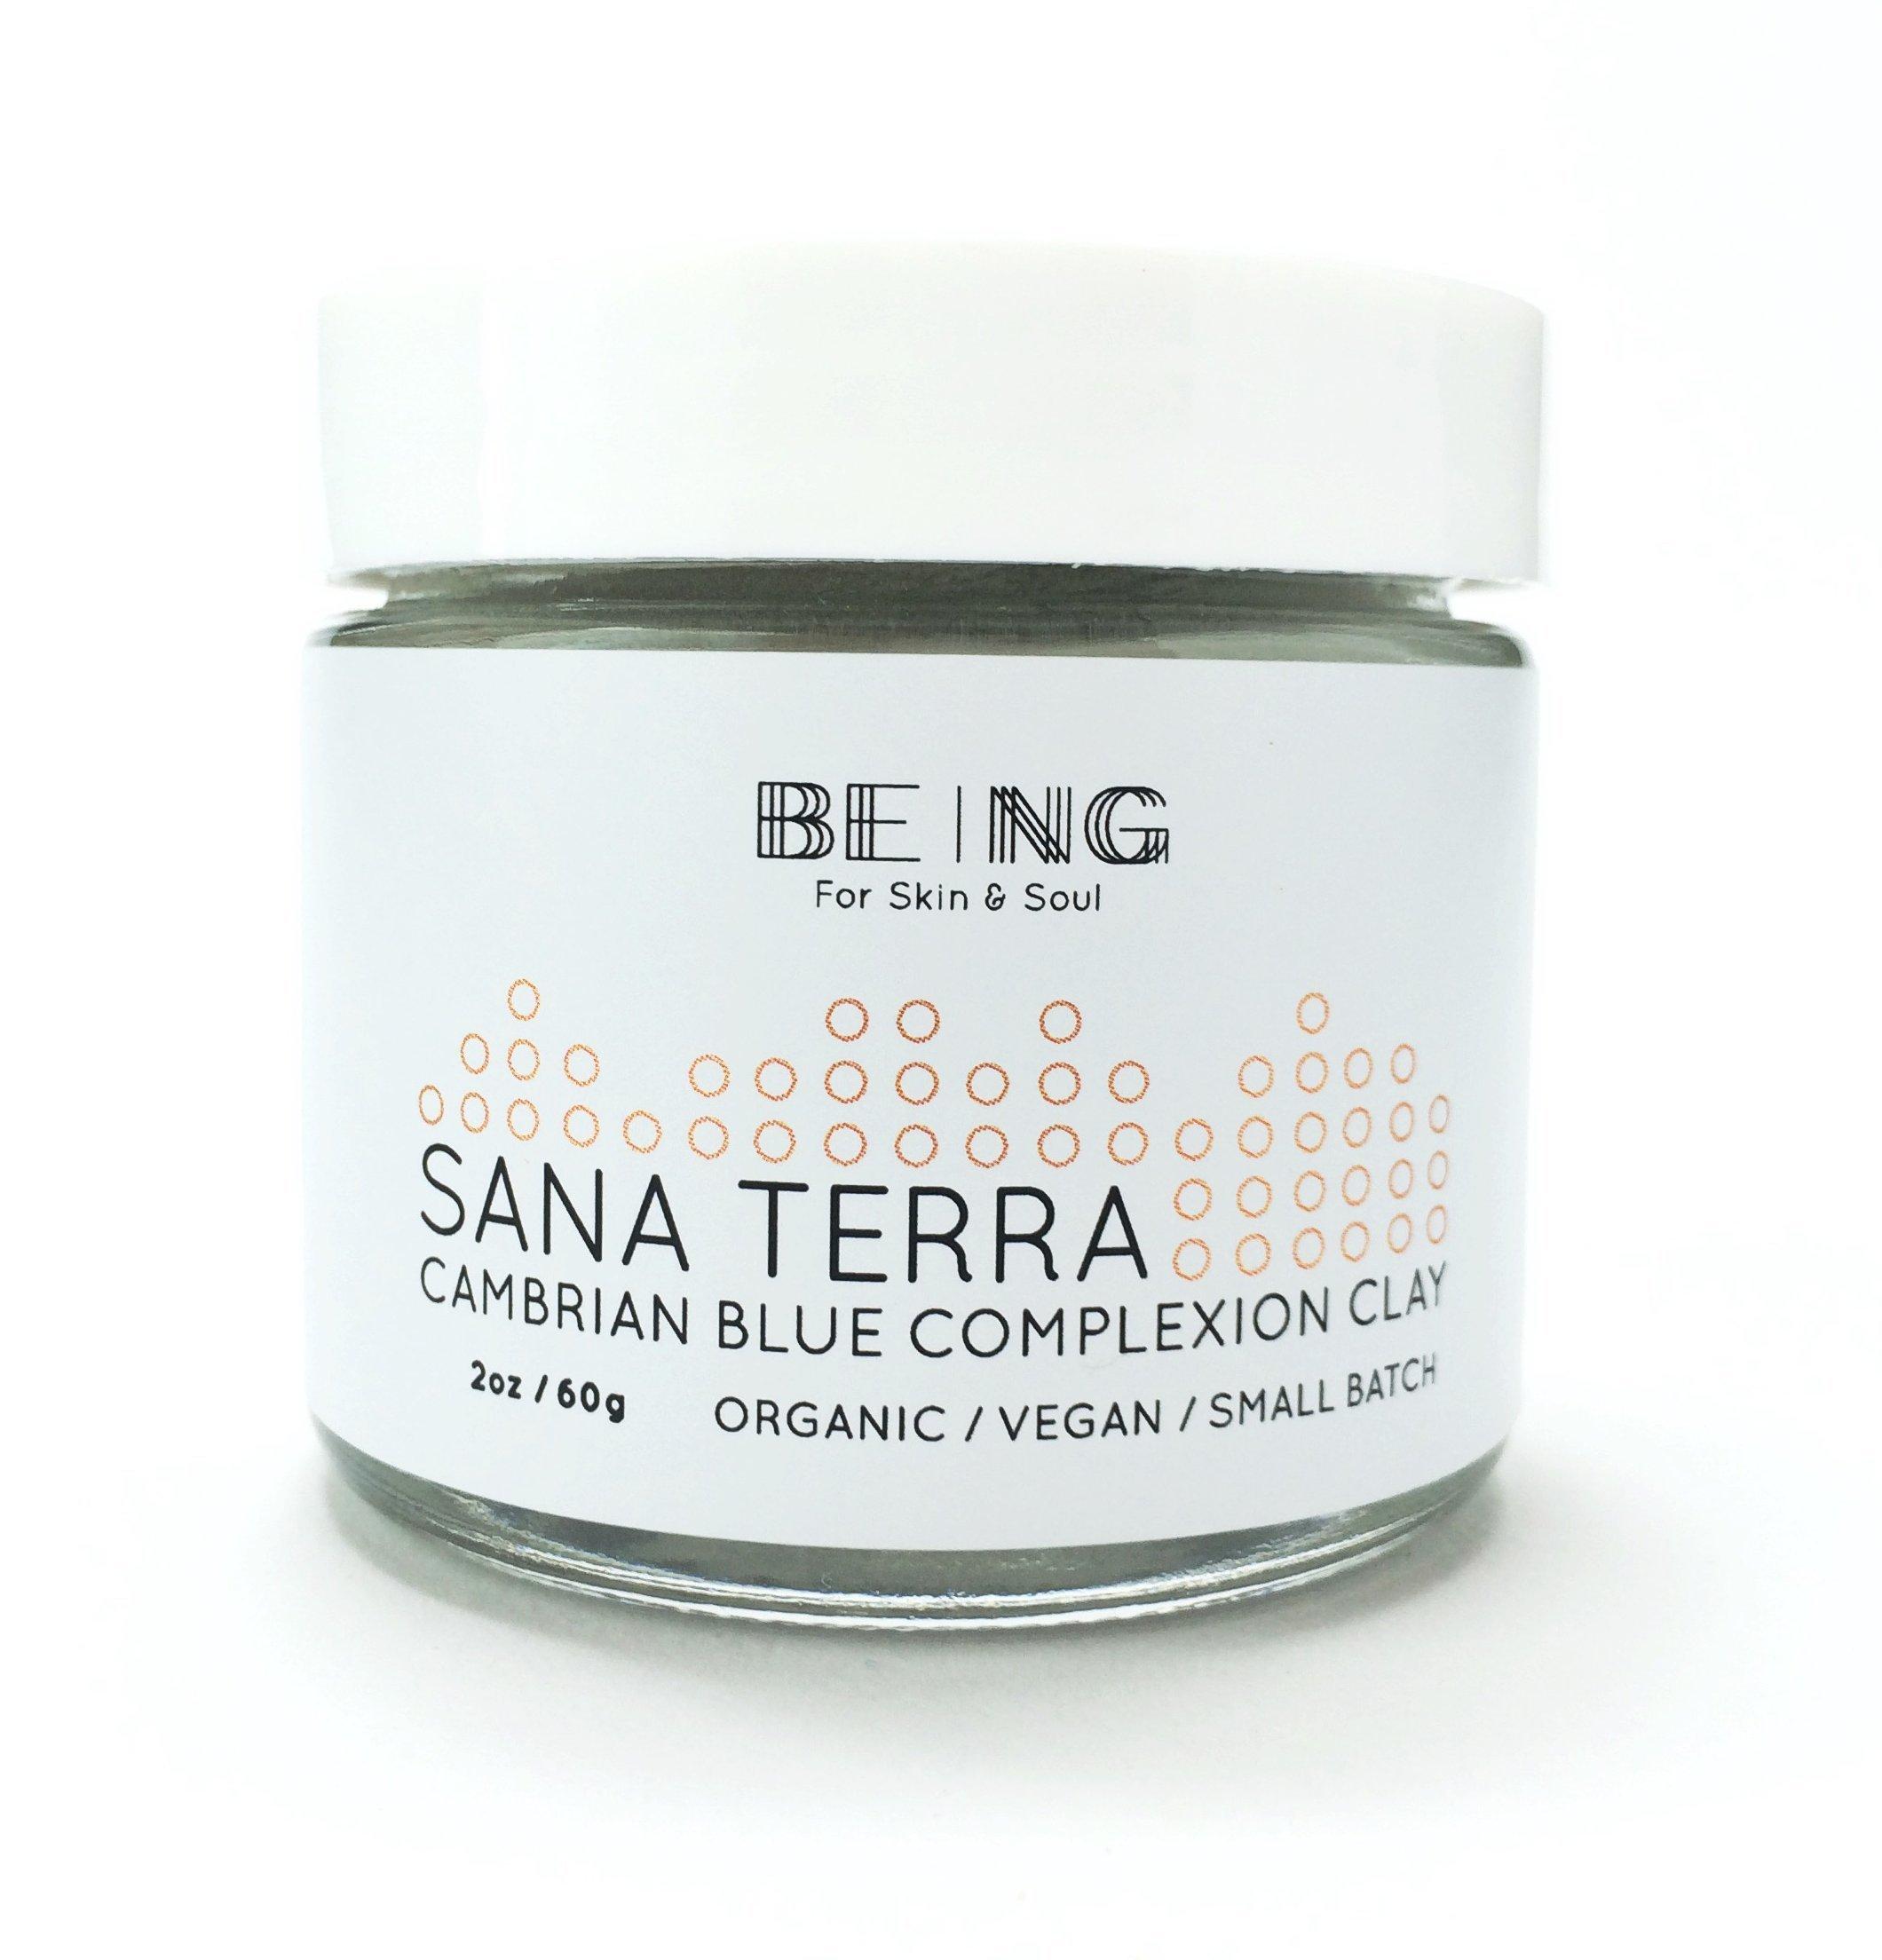 Sana Terra Detoxify Clay Mask